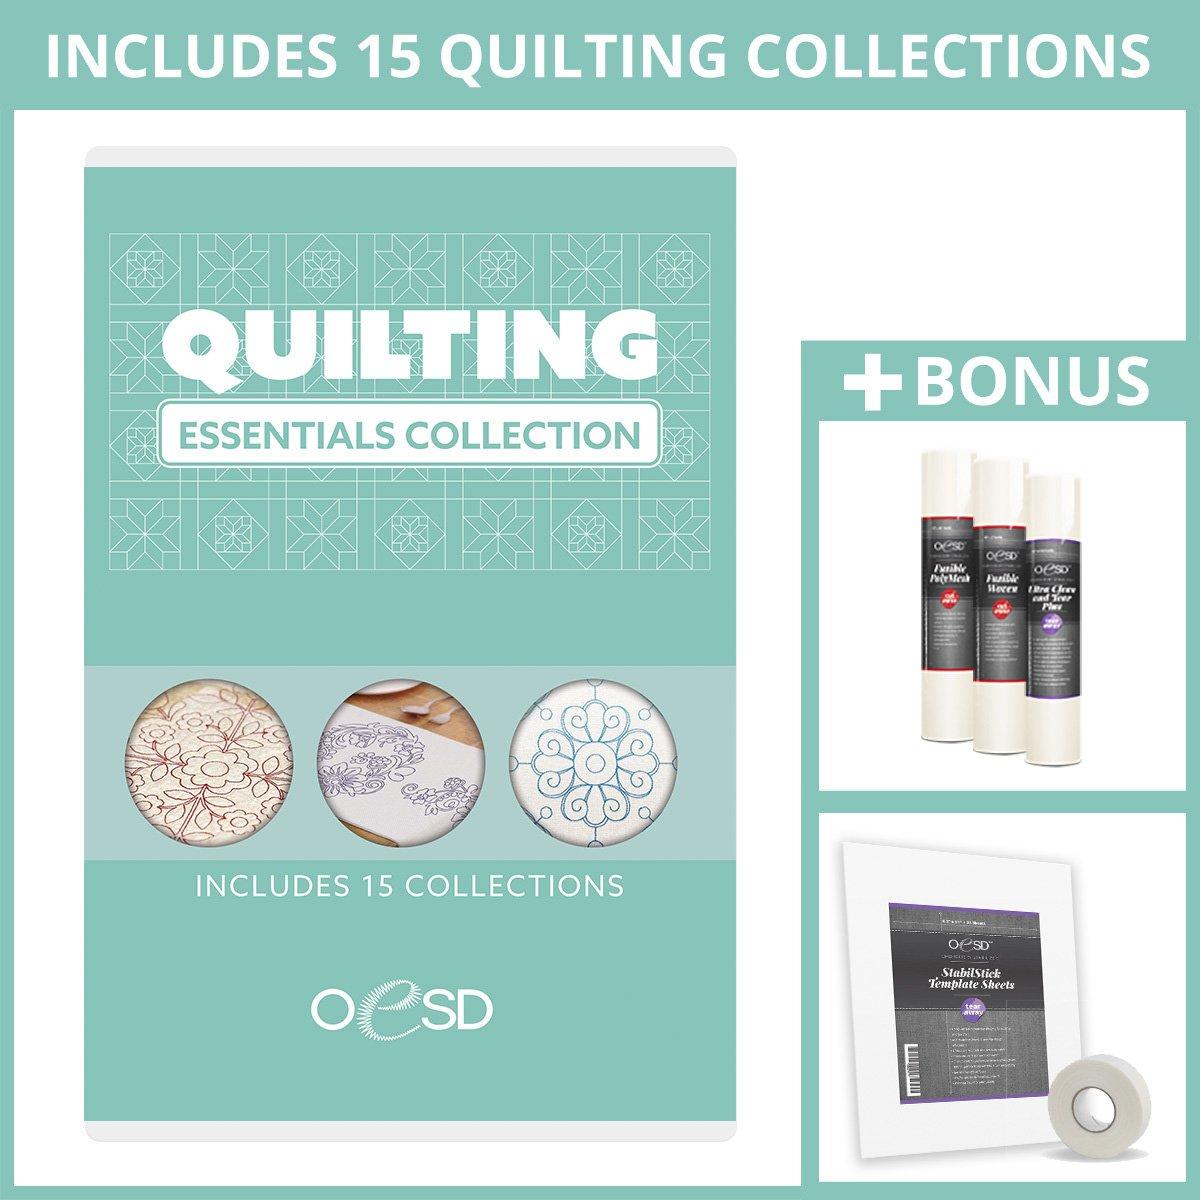 Quilting Essentials Plus Bonus